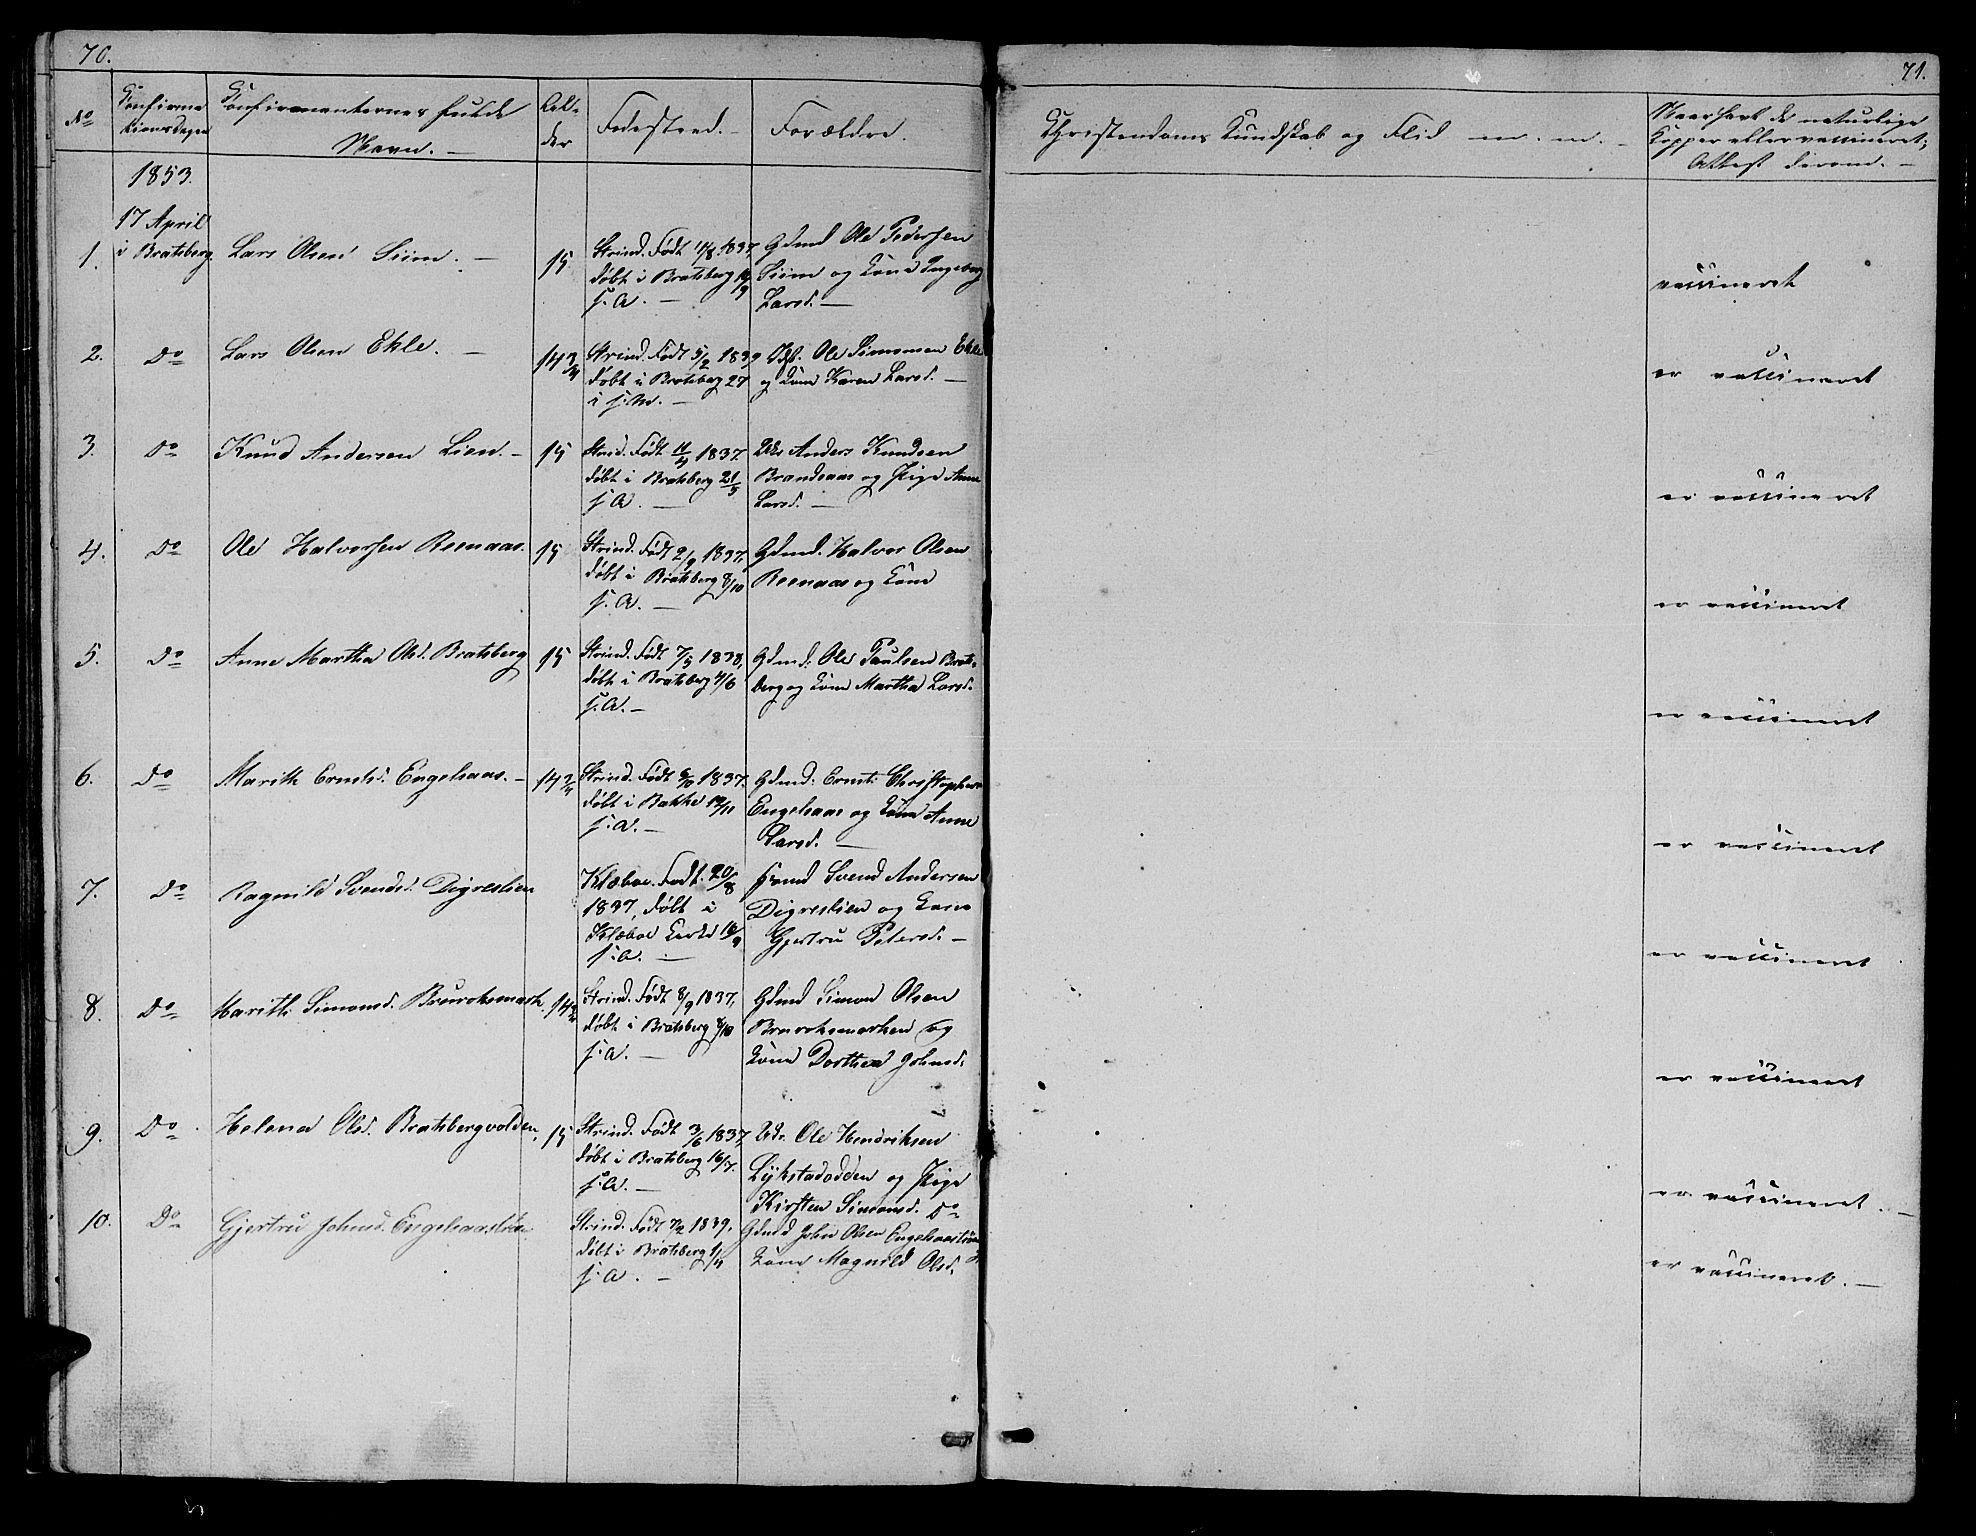 SAT, Ministerialprotokoller, klokkerbøker og fødselsregistre - Sør-Trøndelag, 608/L0339: Klokkerbok nr. 608C05, 1844-1863, s. 70-71